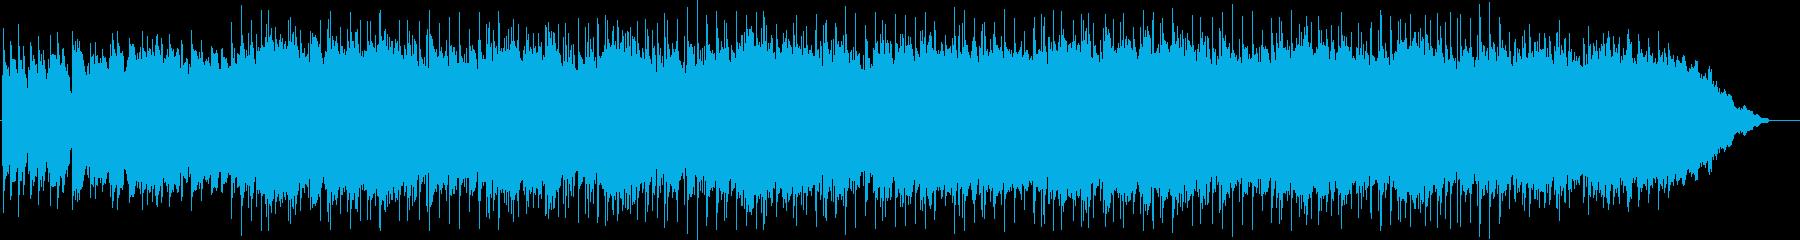 神秘的なイントロ、奇妙な、静かなラ...の再生済みの波形